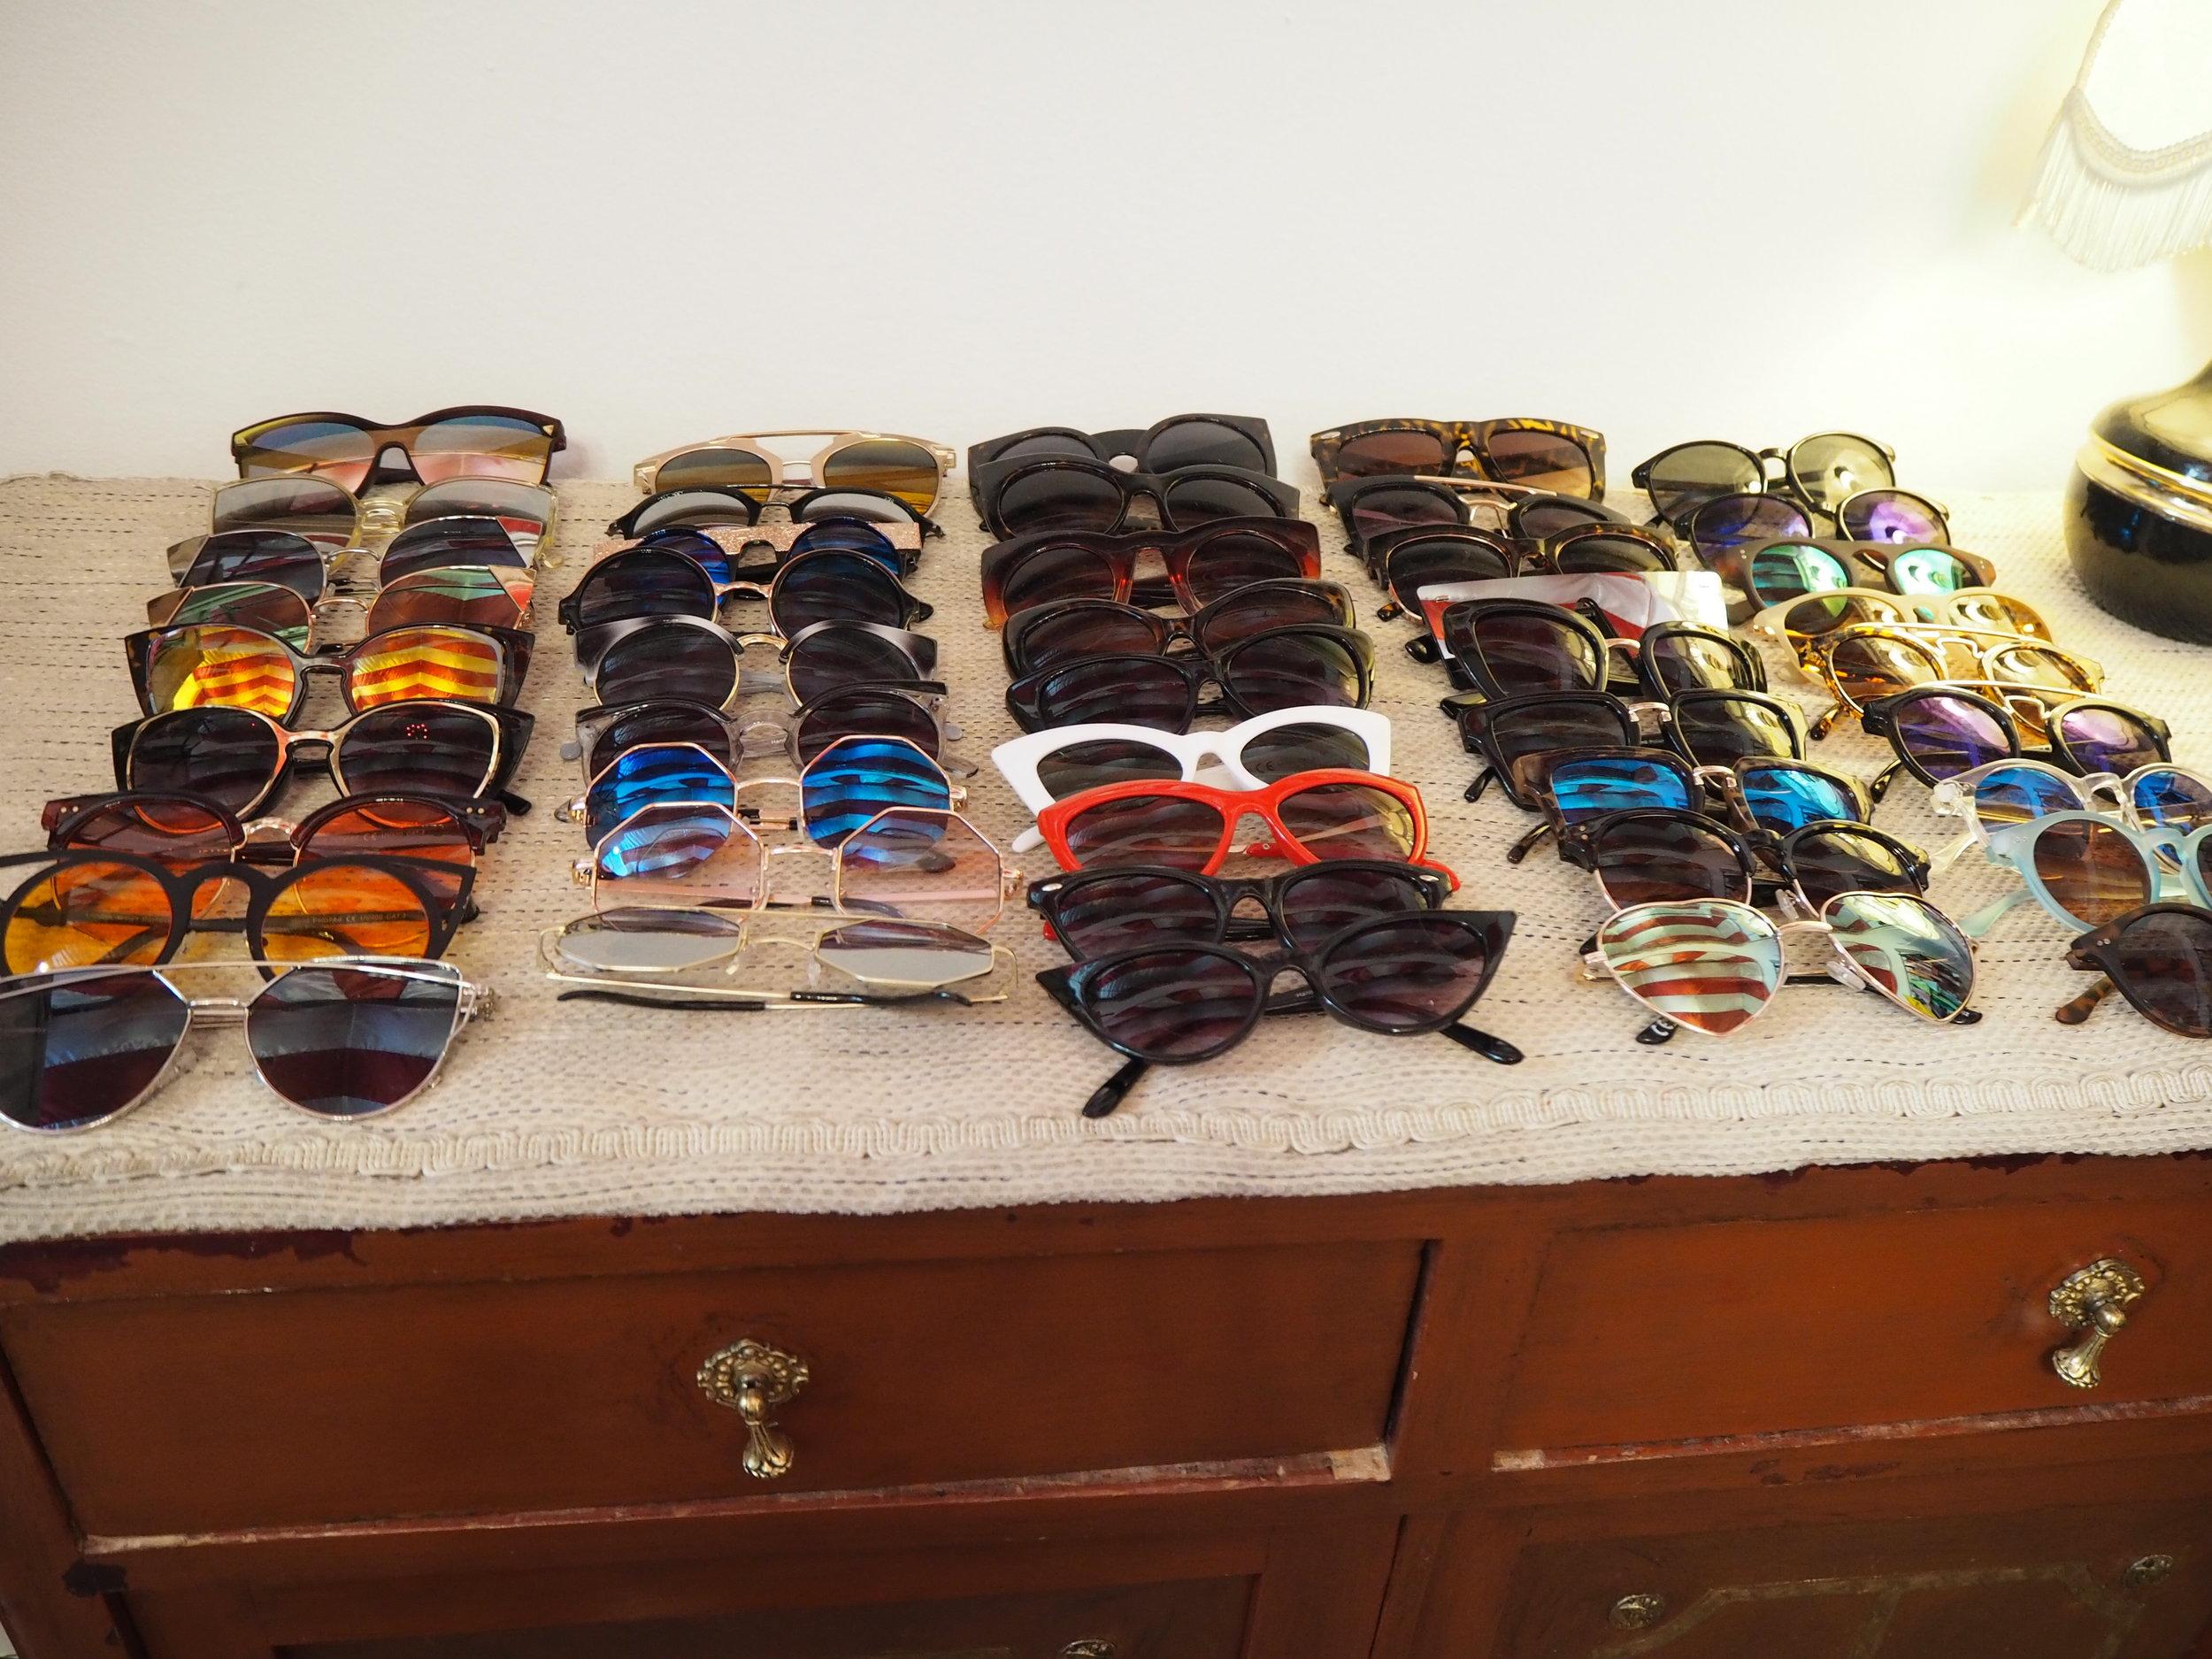 tiendas-ropa-madrid-originales-mona-checa-gafas.JPG